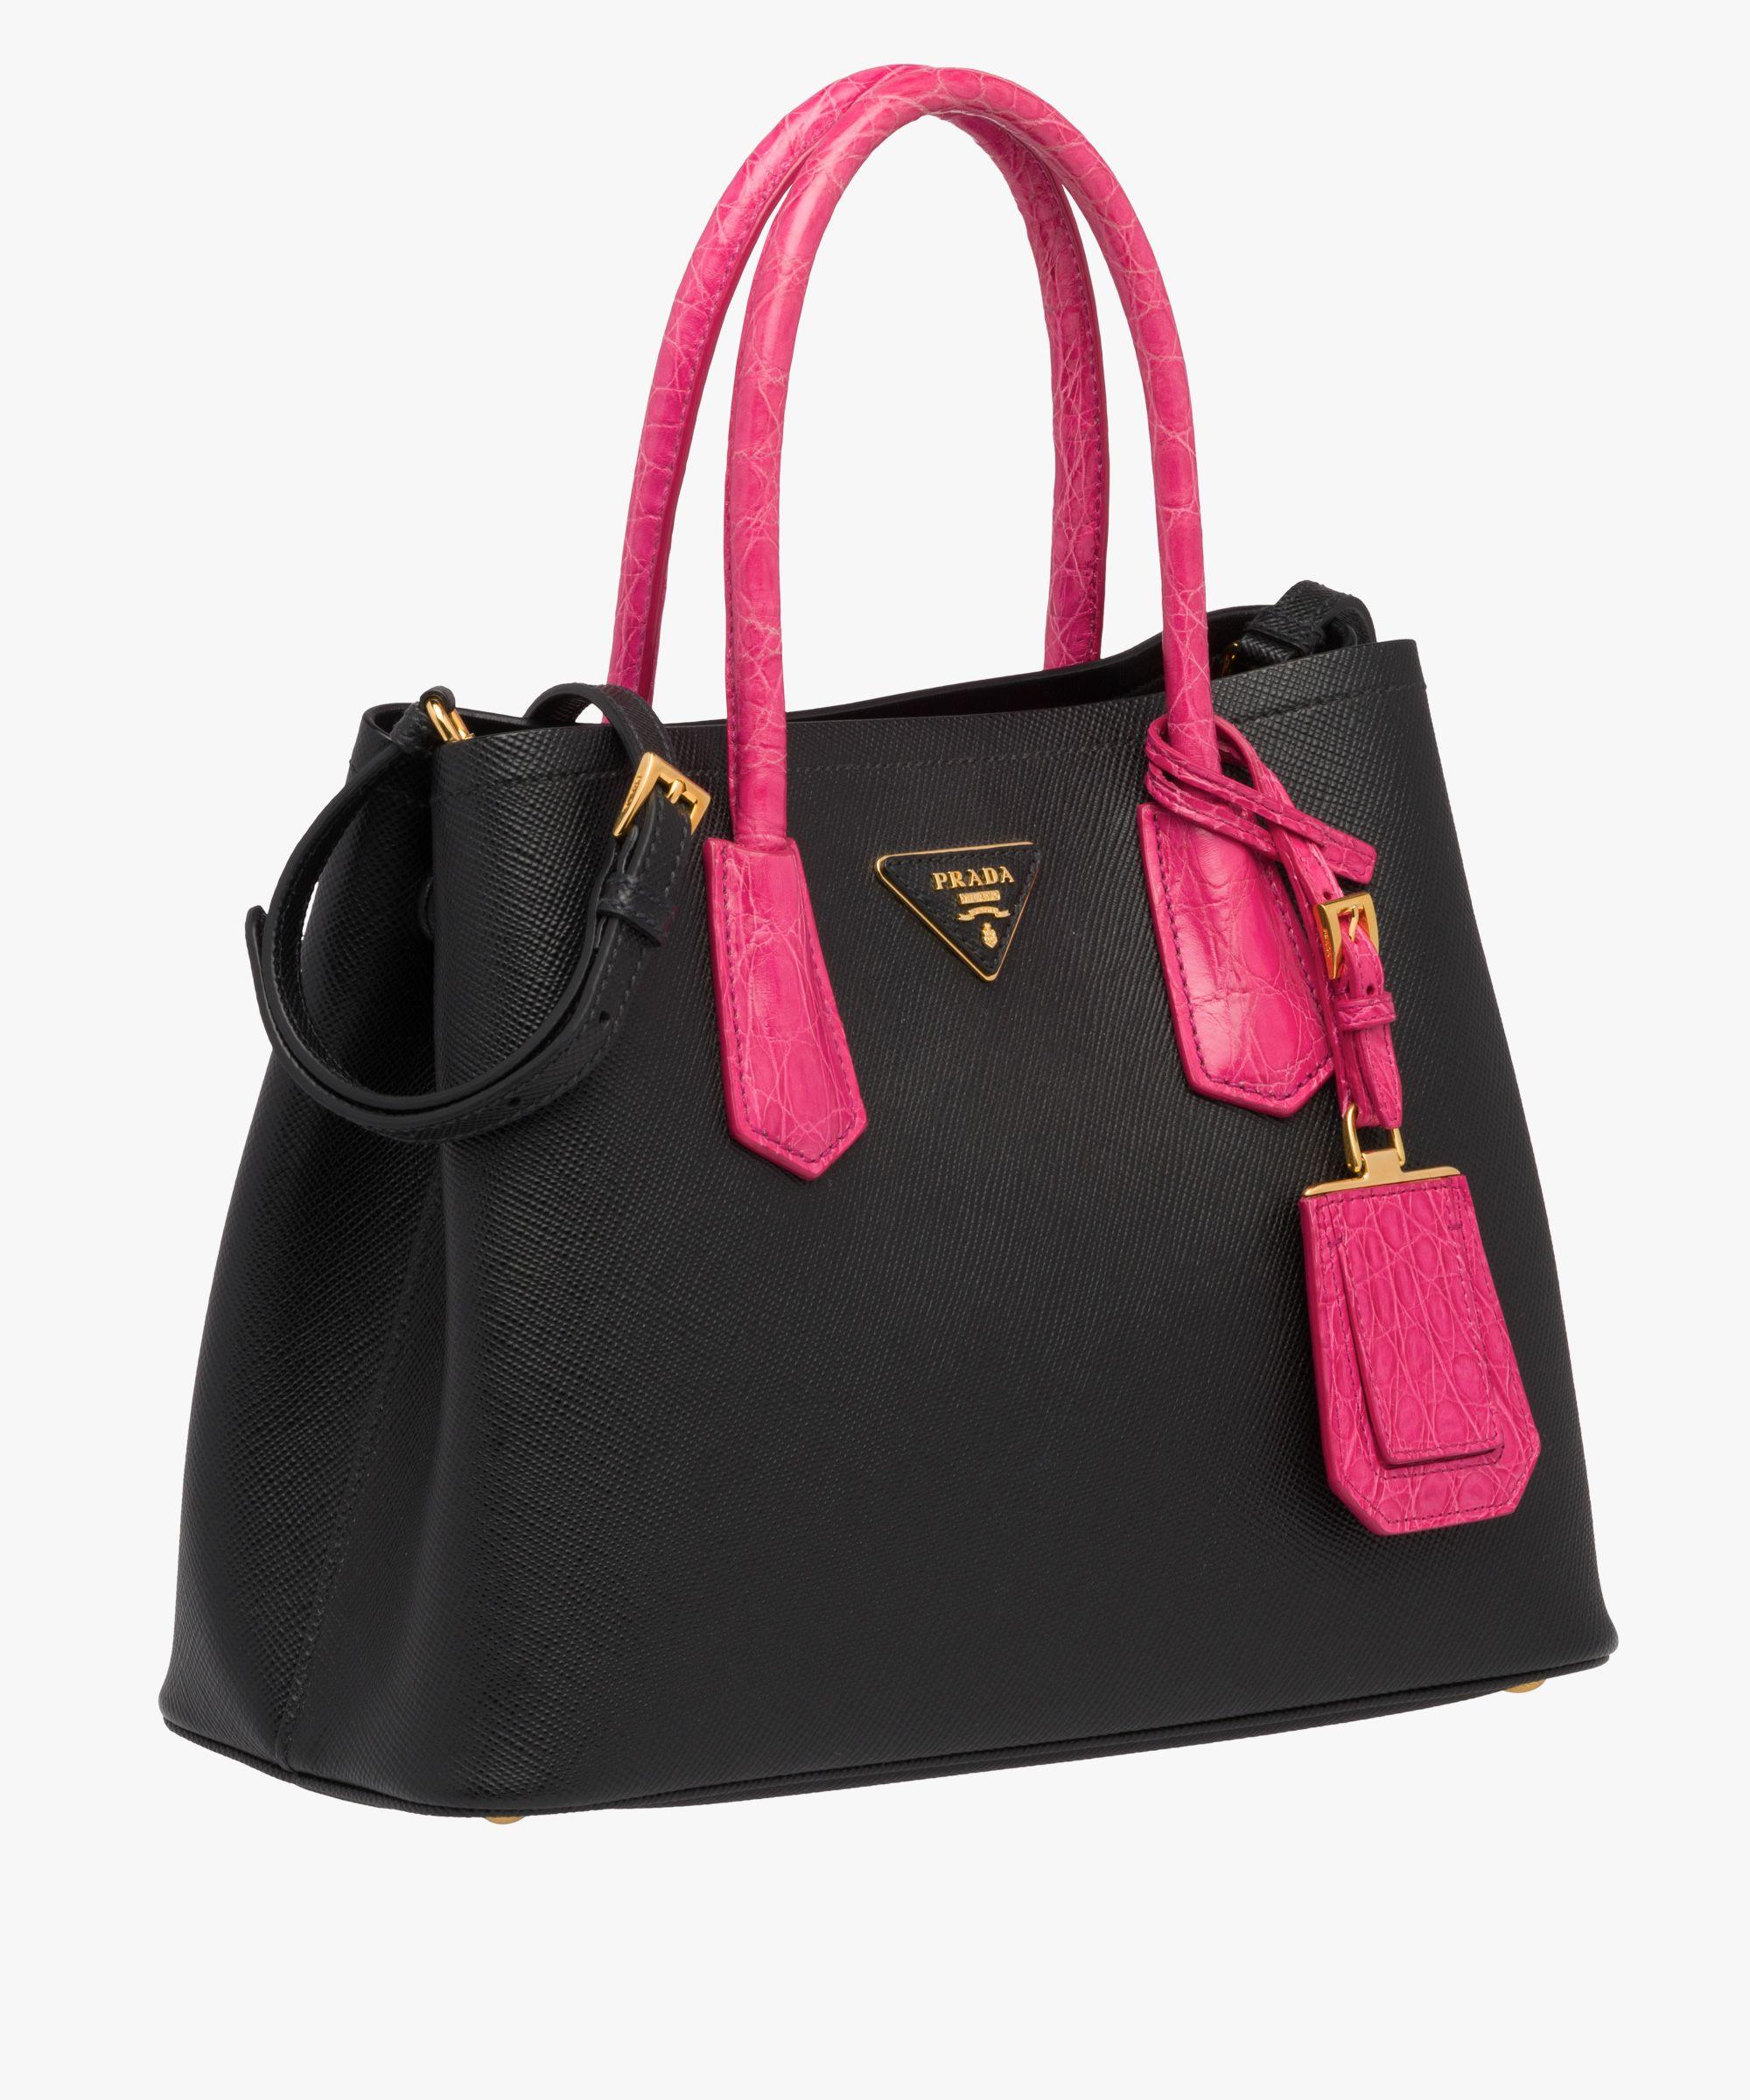 82a23593b32 Christian Dior Lady Dior Handbag Python Medium in 2019